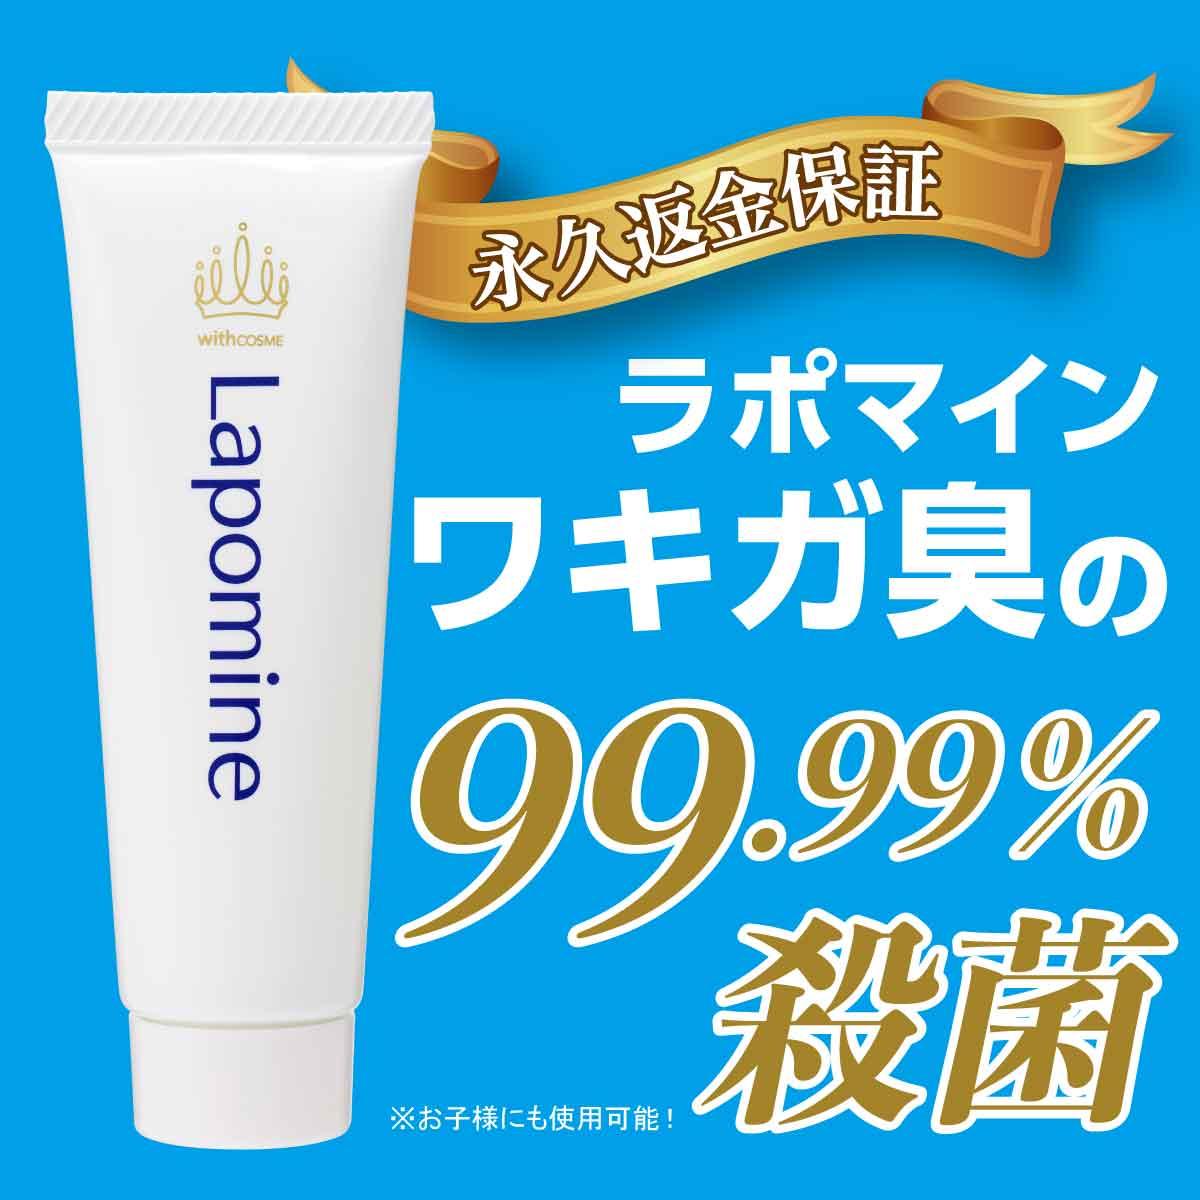 ラポマイン(lapomine)は公式サイトなら89%オフ!「1日36円」からはじめられる!